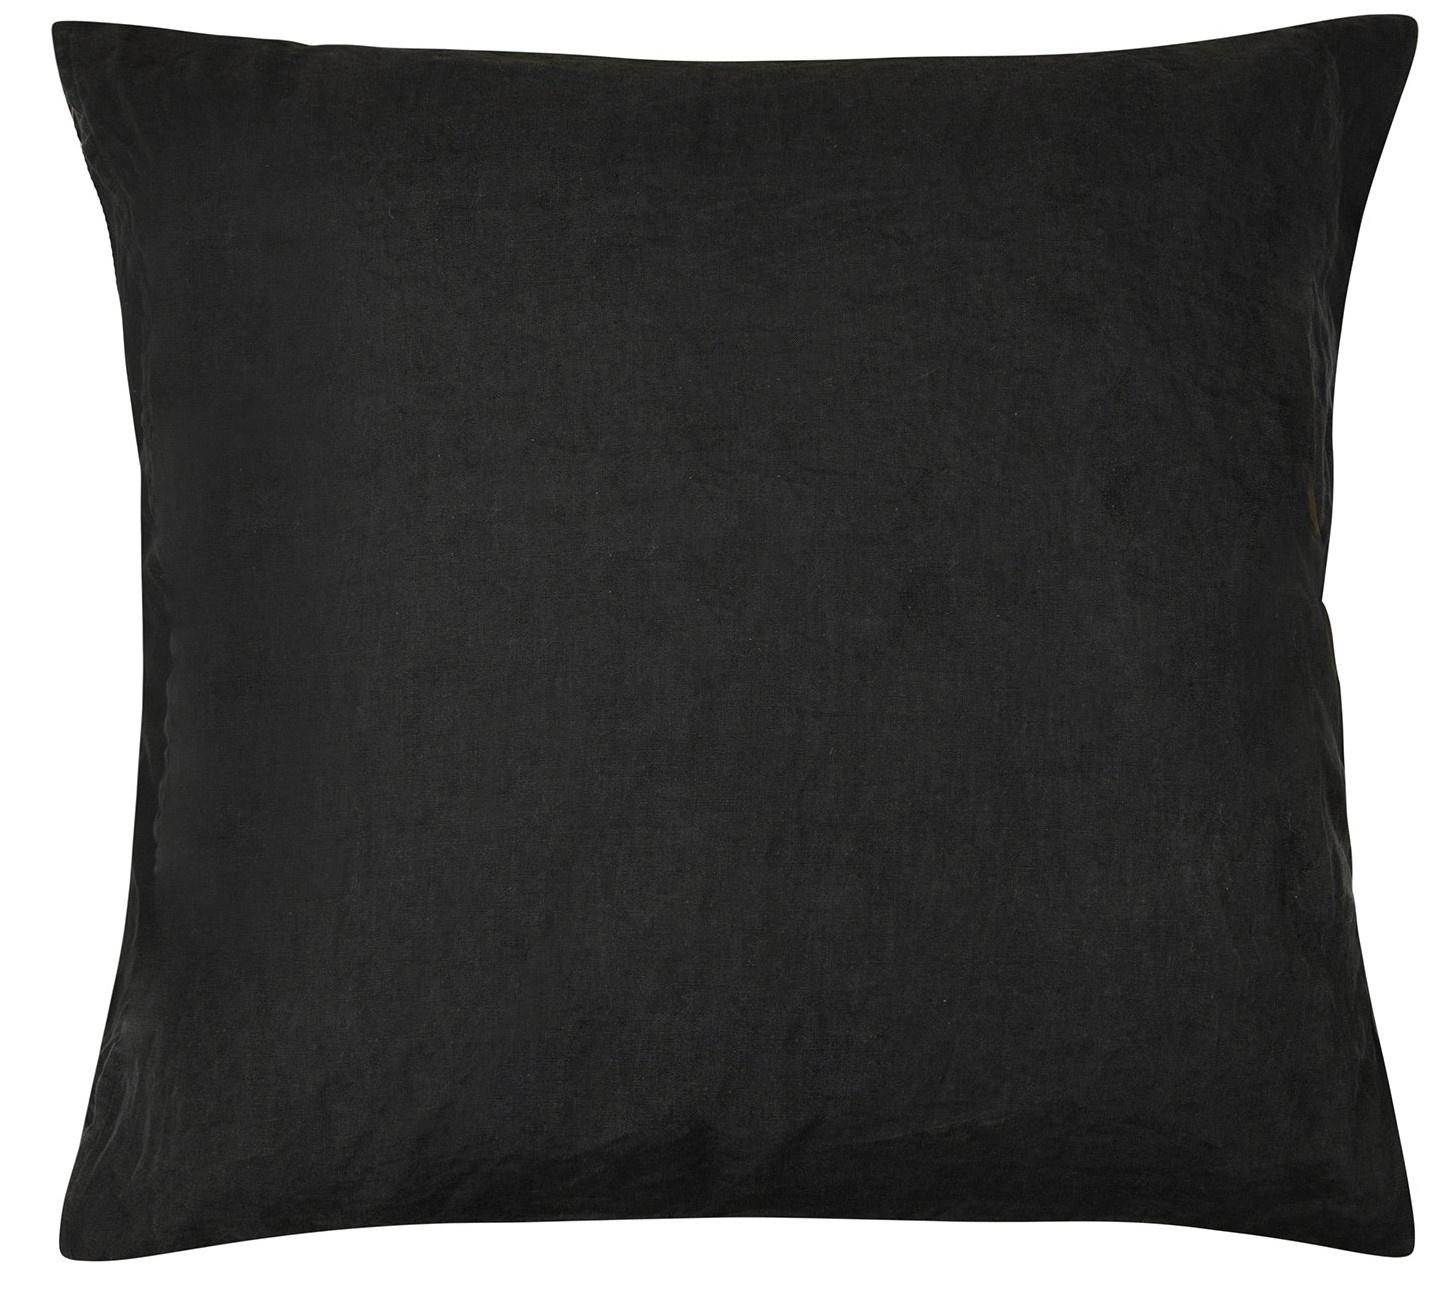 Kussenhoes Linen pillow square zwart-2